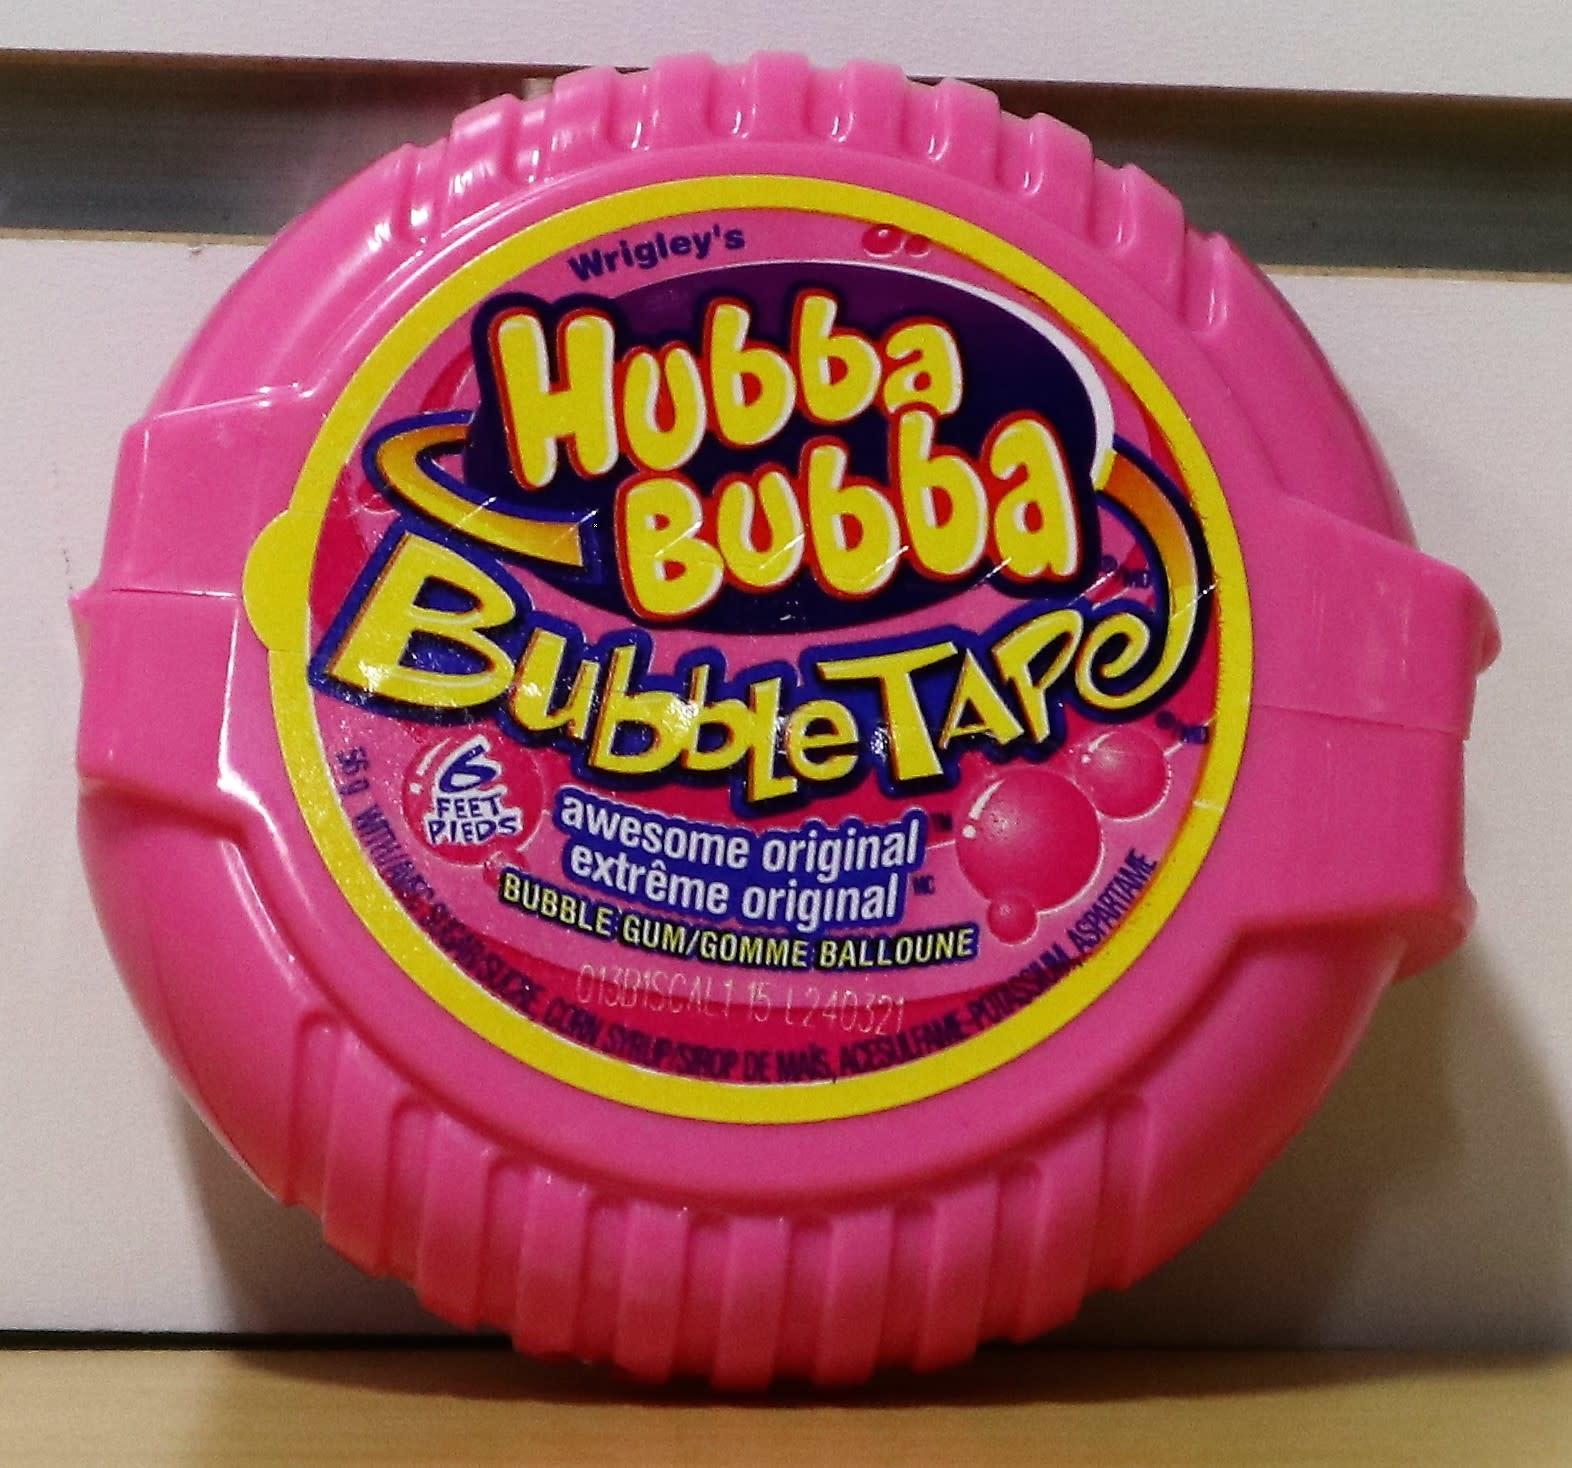 Hubba Bubba Hubba Bubba Tape - Original